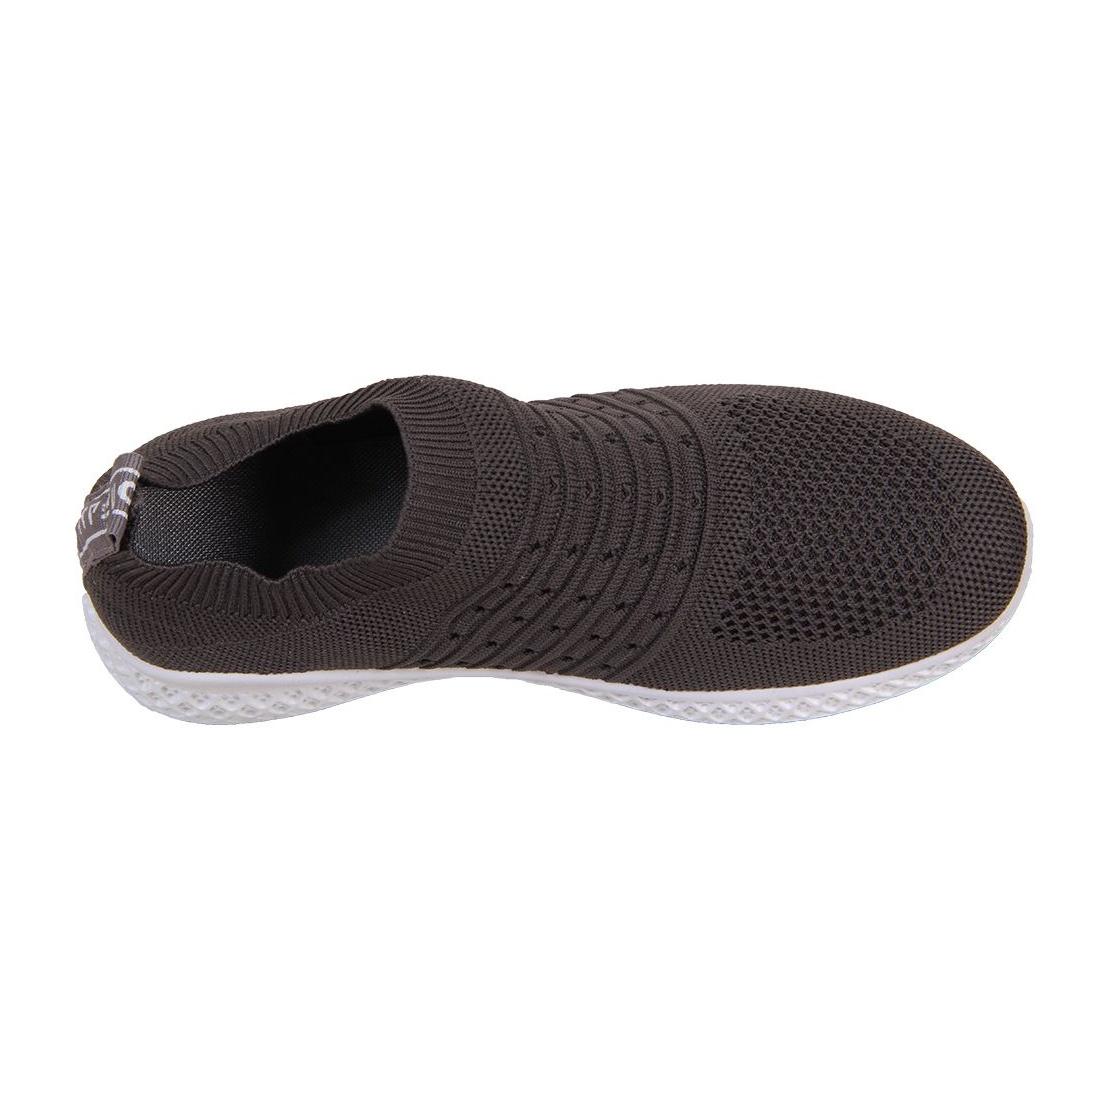 کفش مخصوص پیاده روی نه کد 21-A115